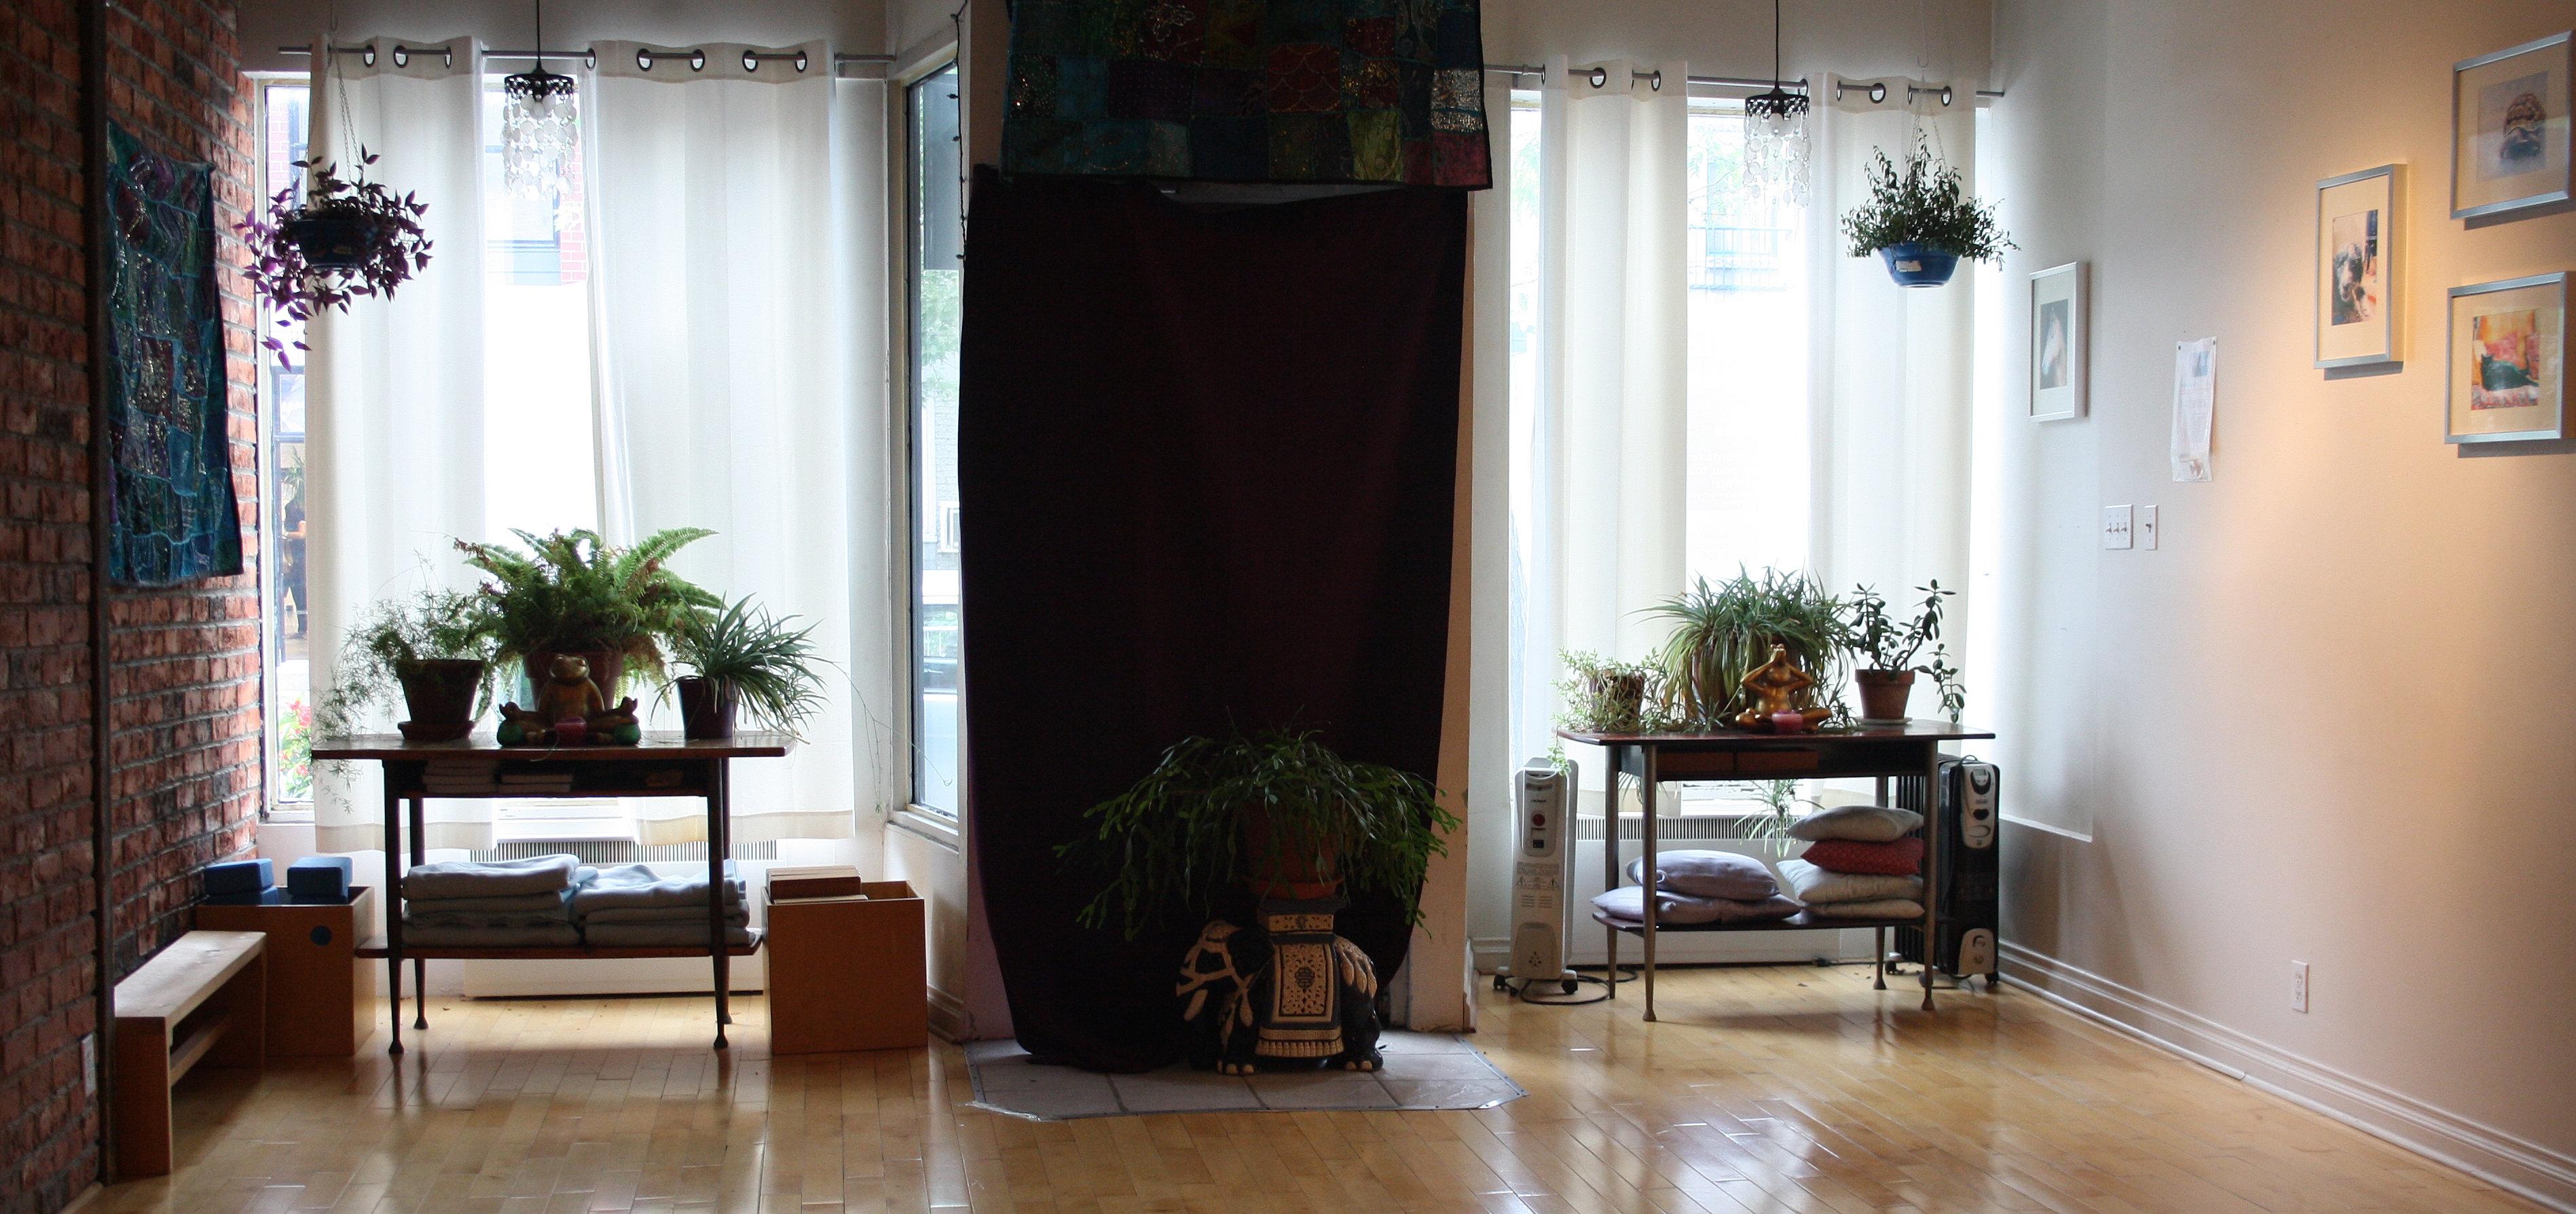 Living Room Yoga Schedule